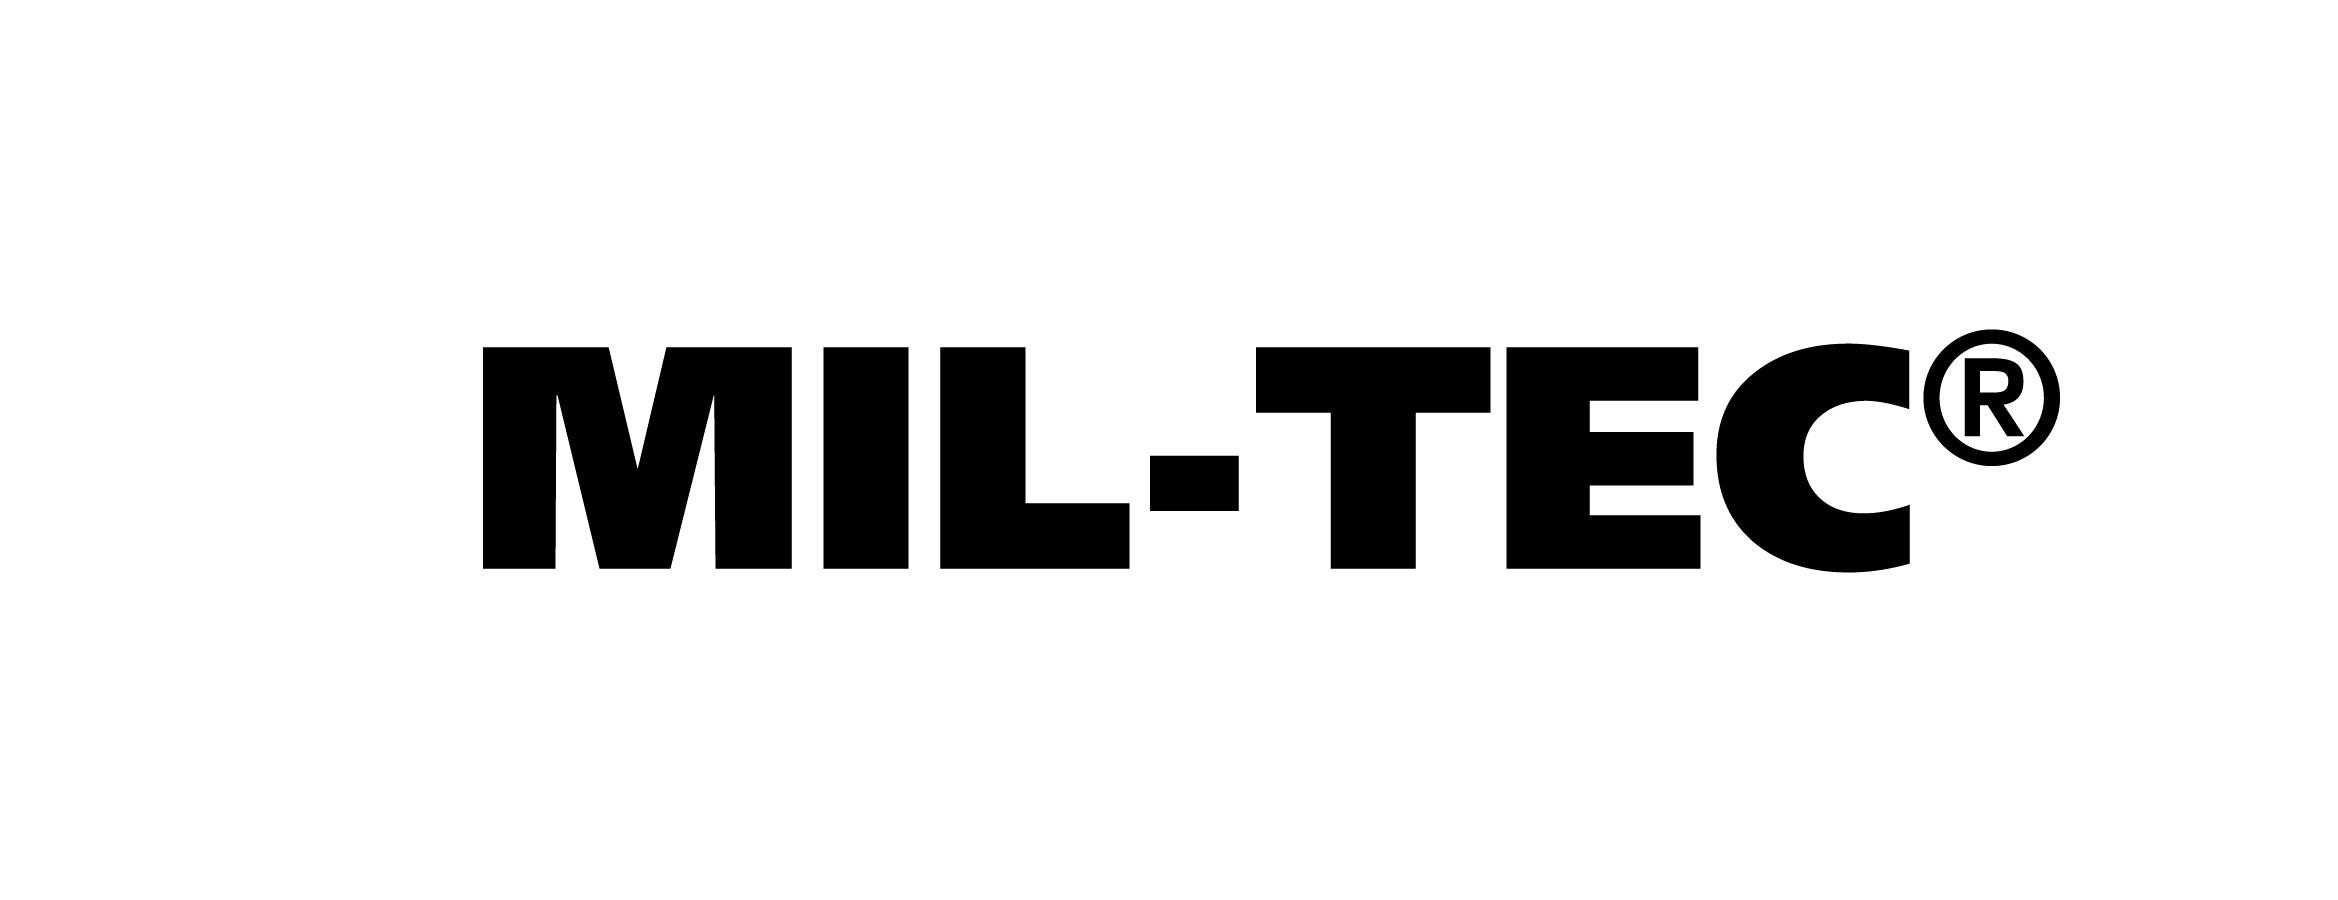 MILTEC®